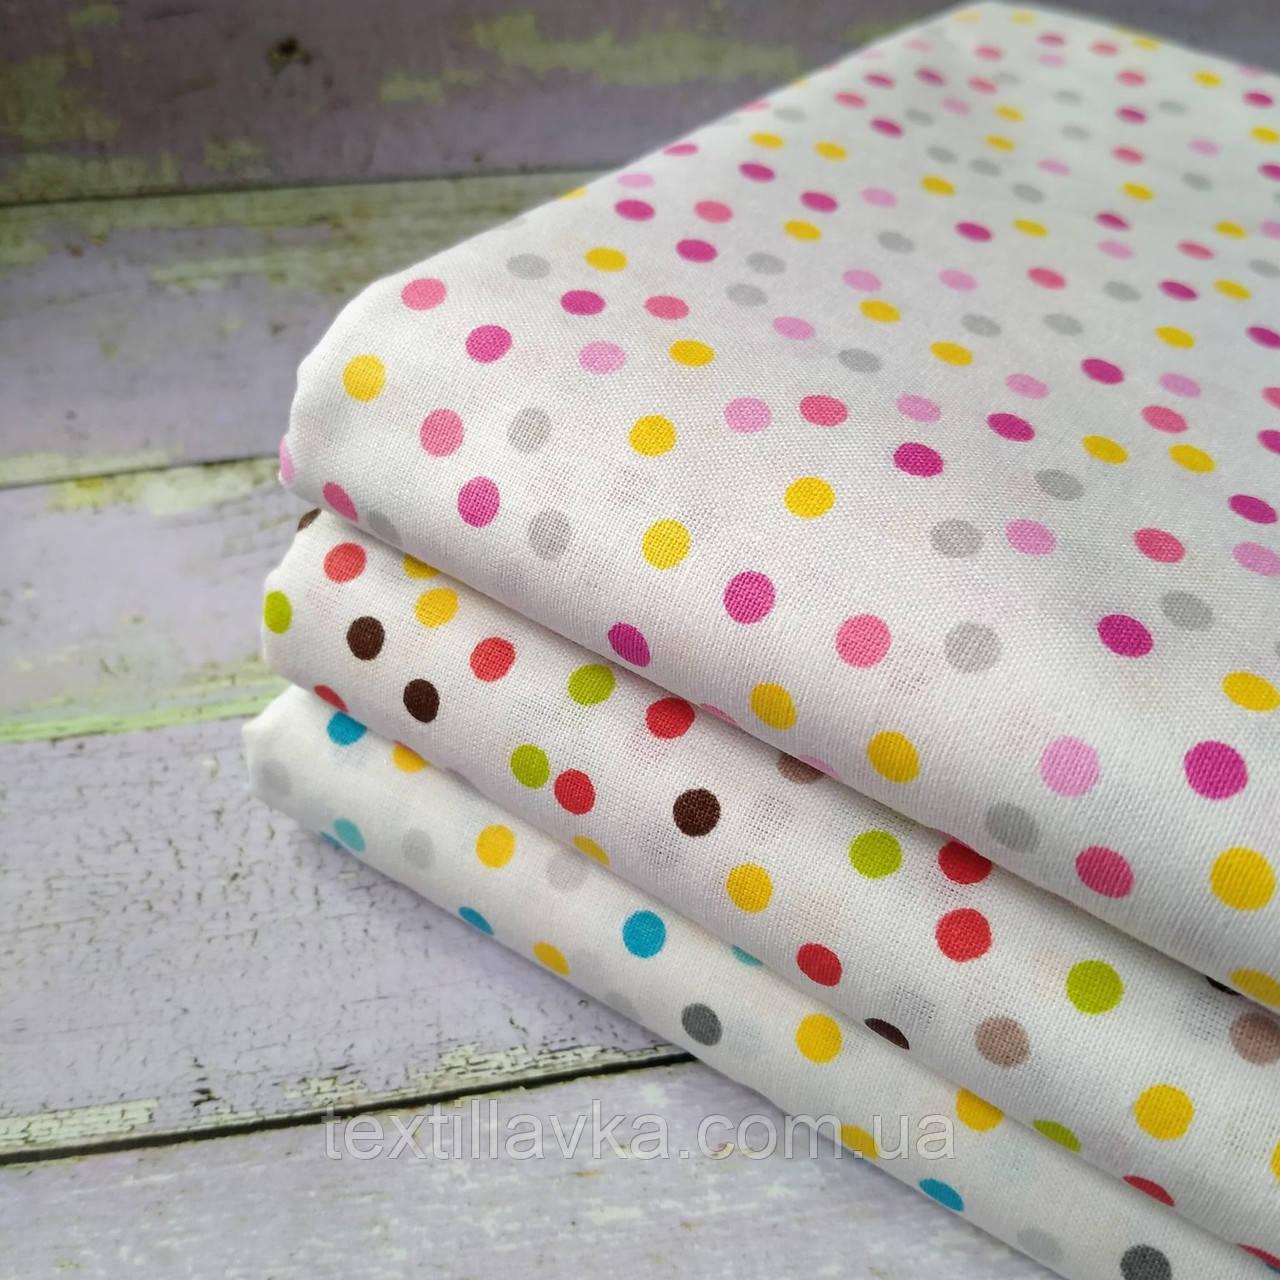 Набор ткани для рукоделия  разноцветные горошки 3шт.